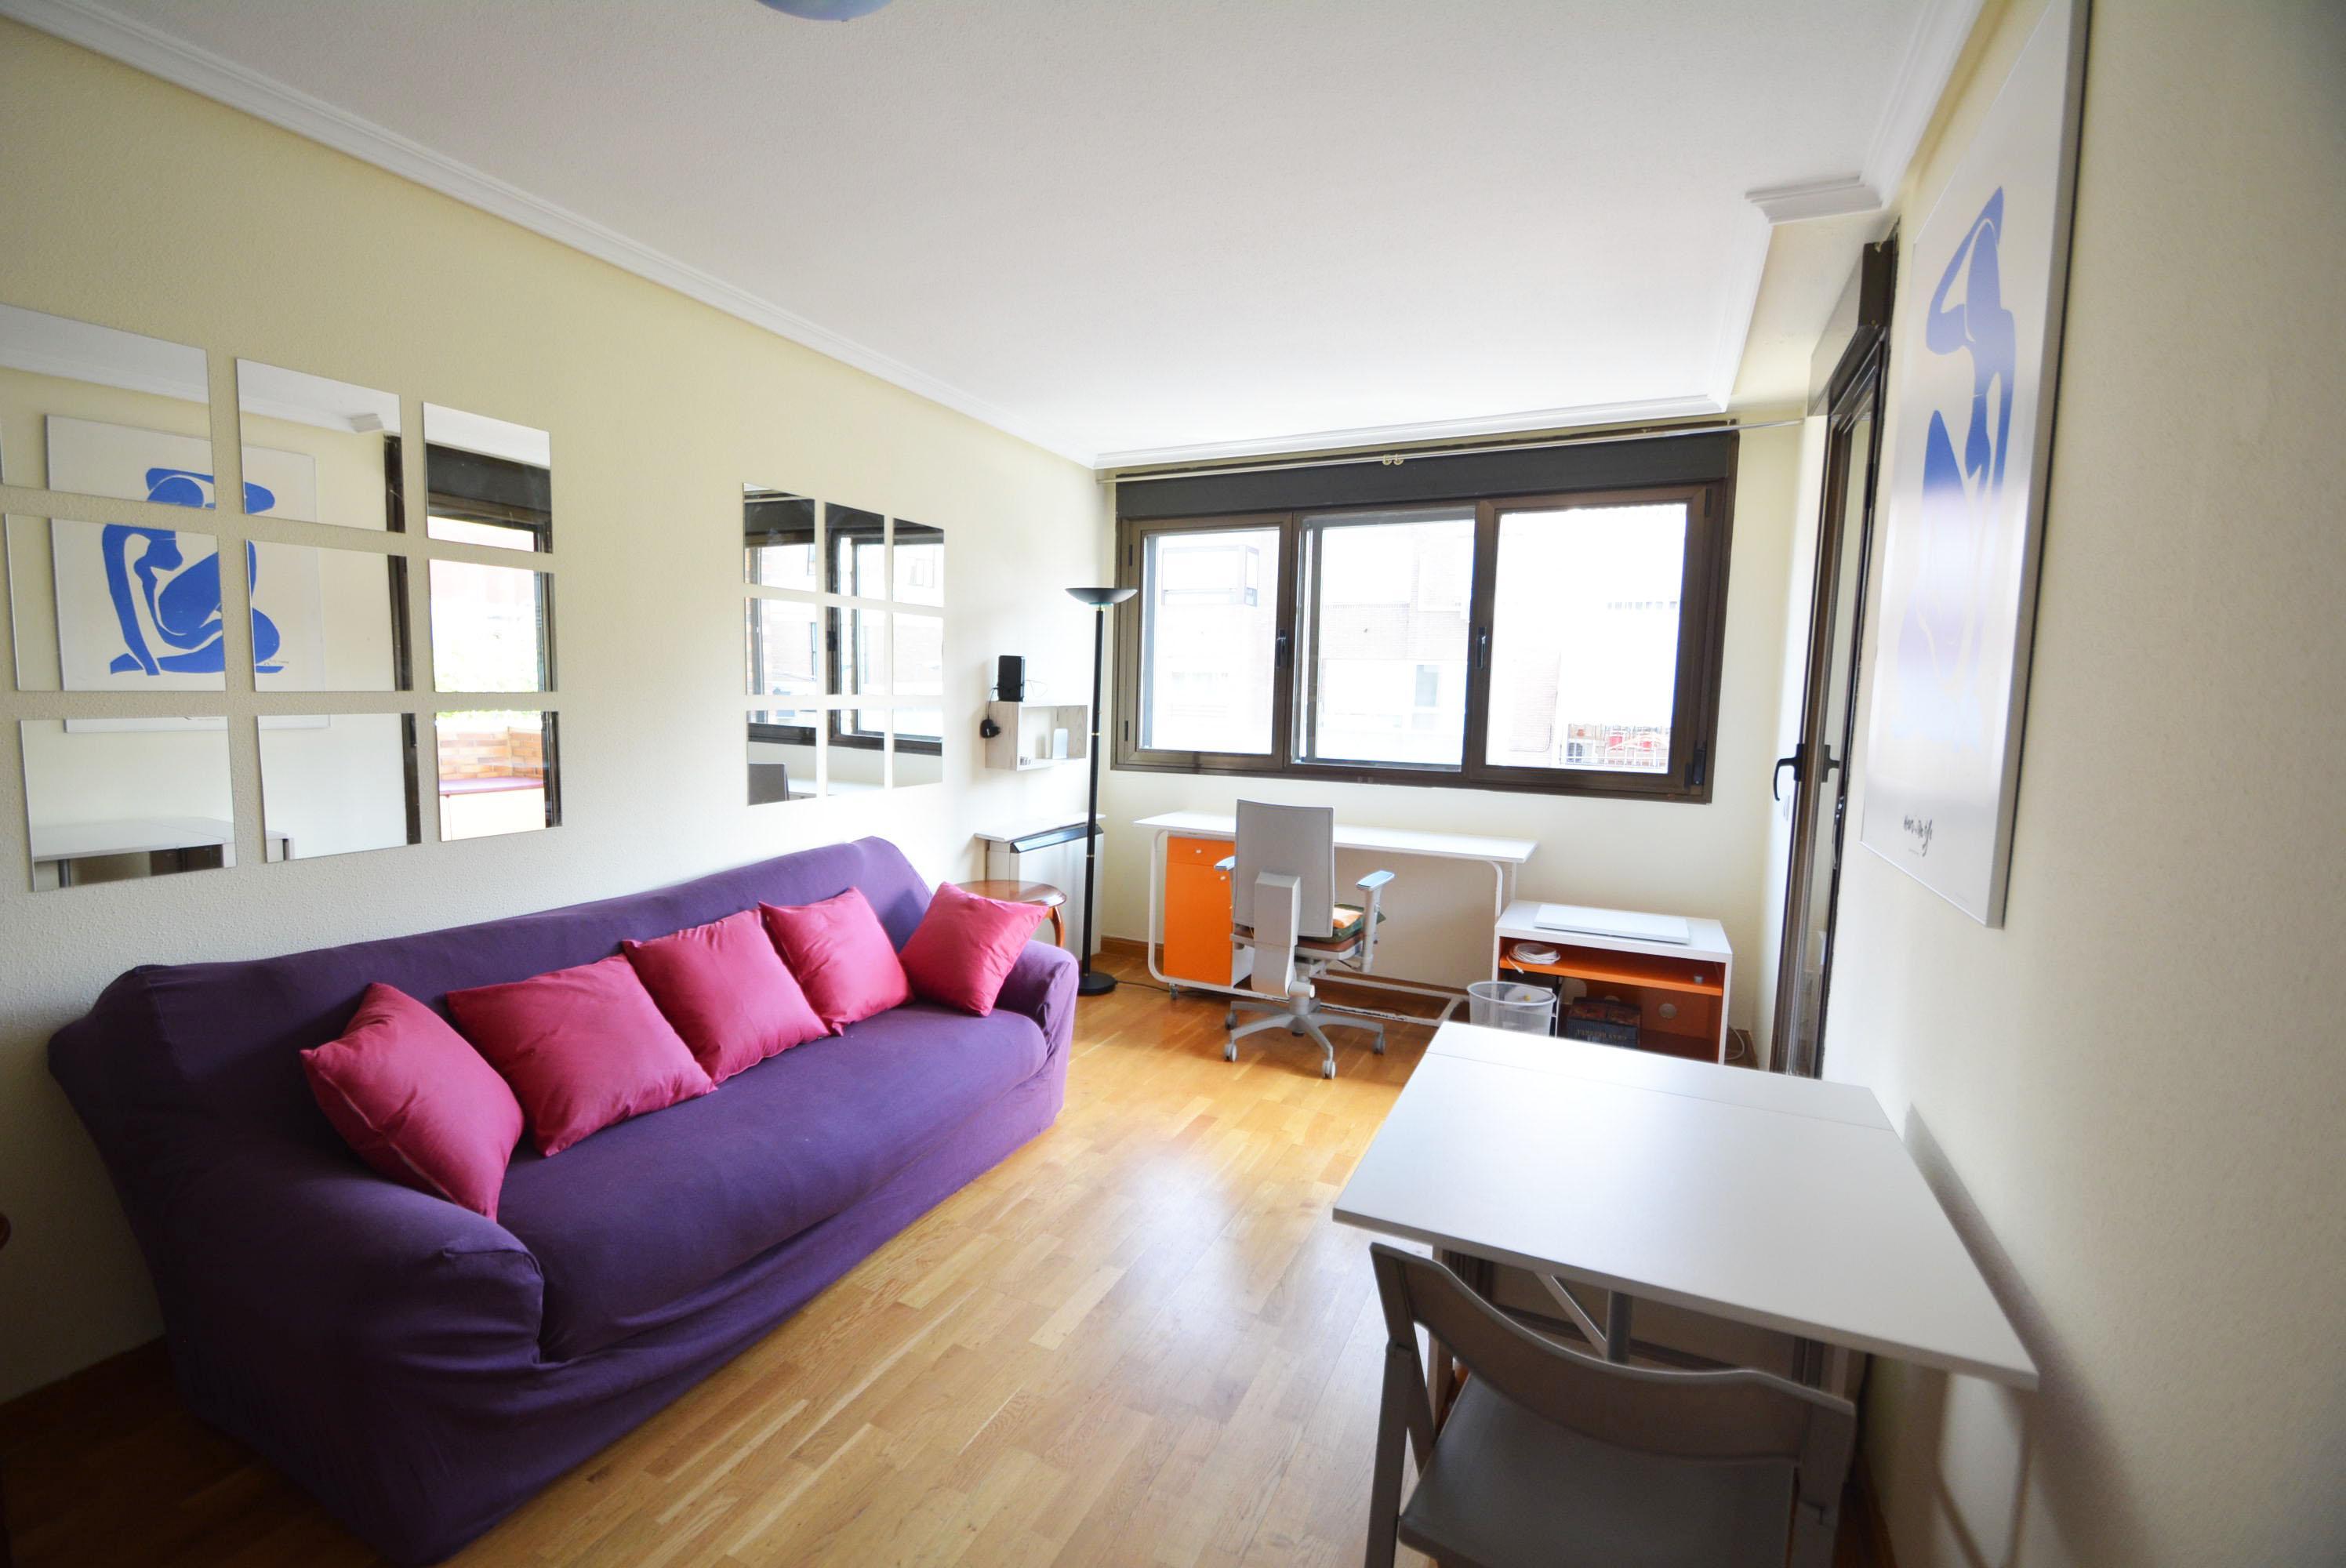 piso majadahonda alquiler 650 euros zona avenida reyes